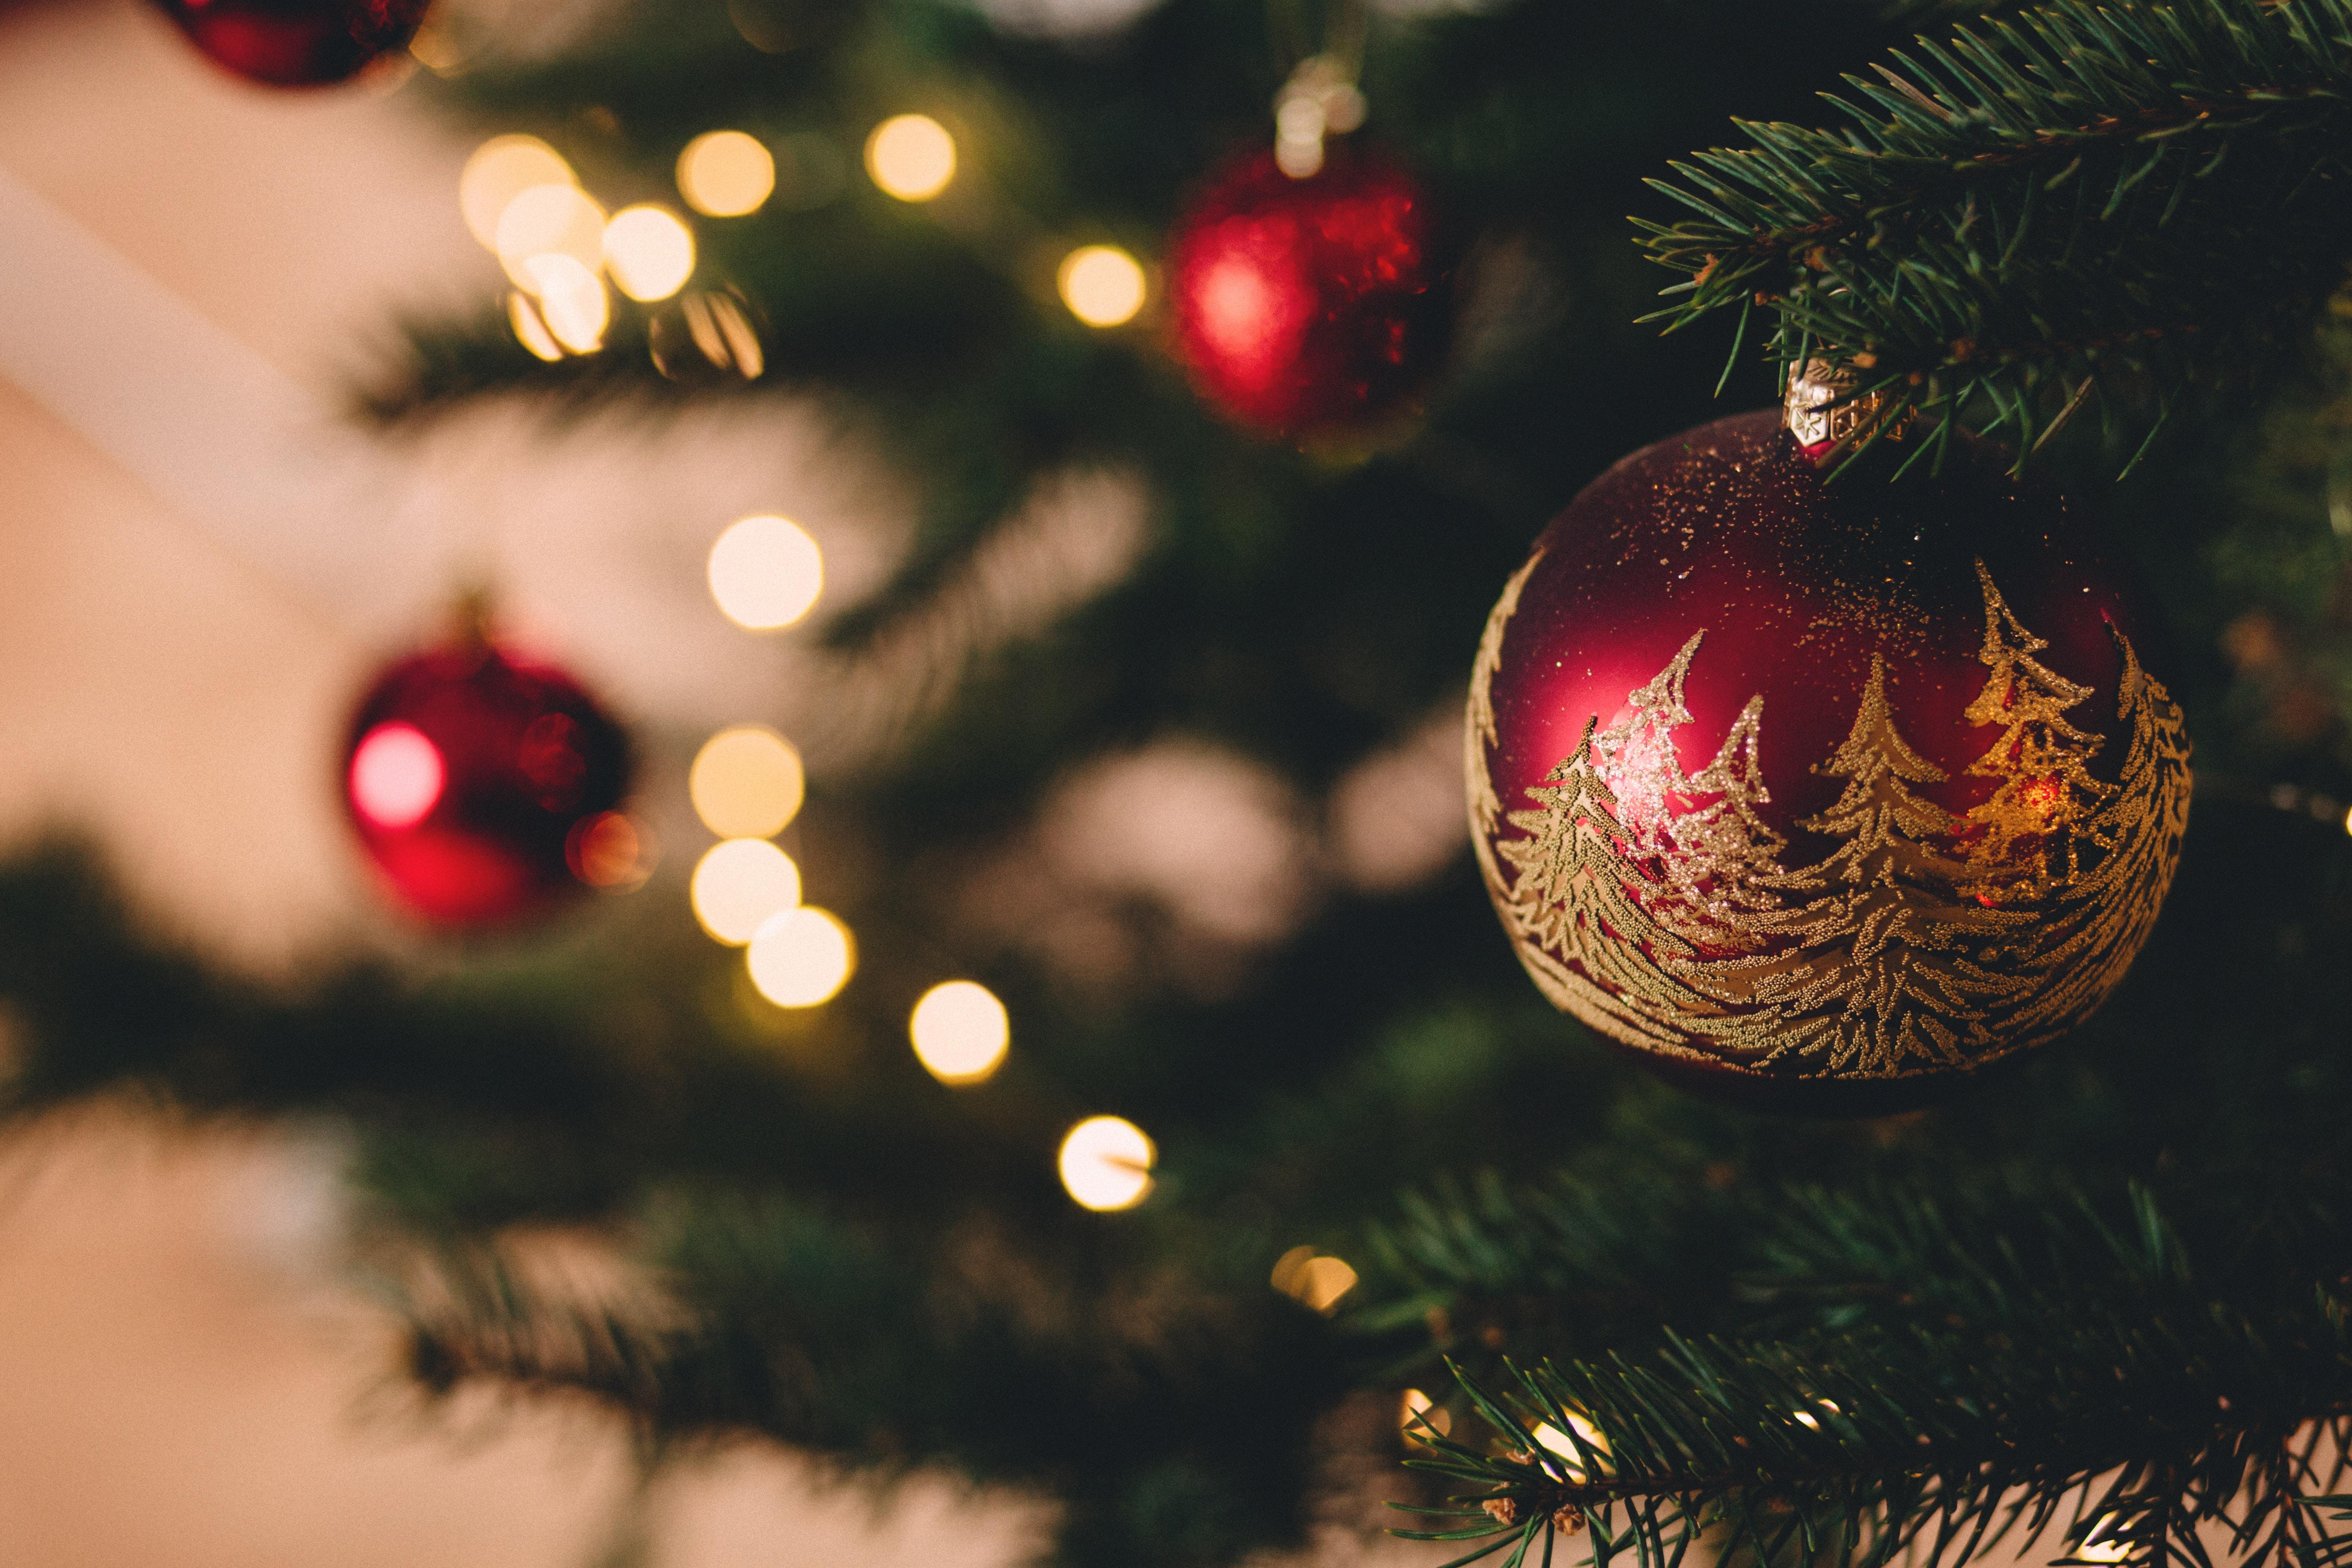 Les bûches de Noël 2017